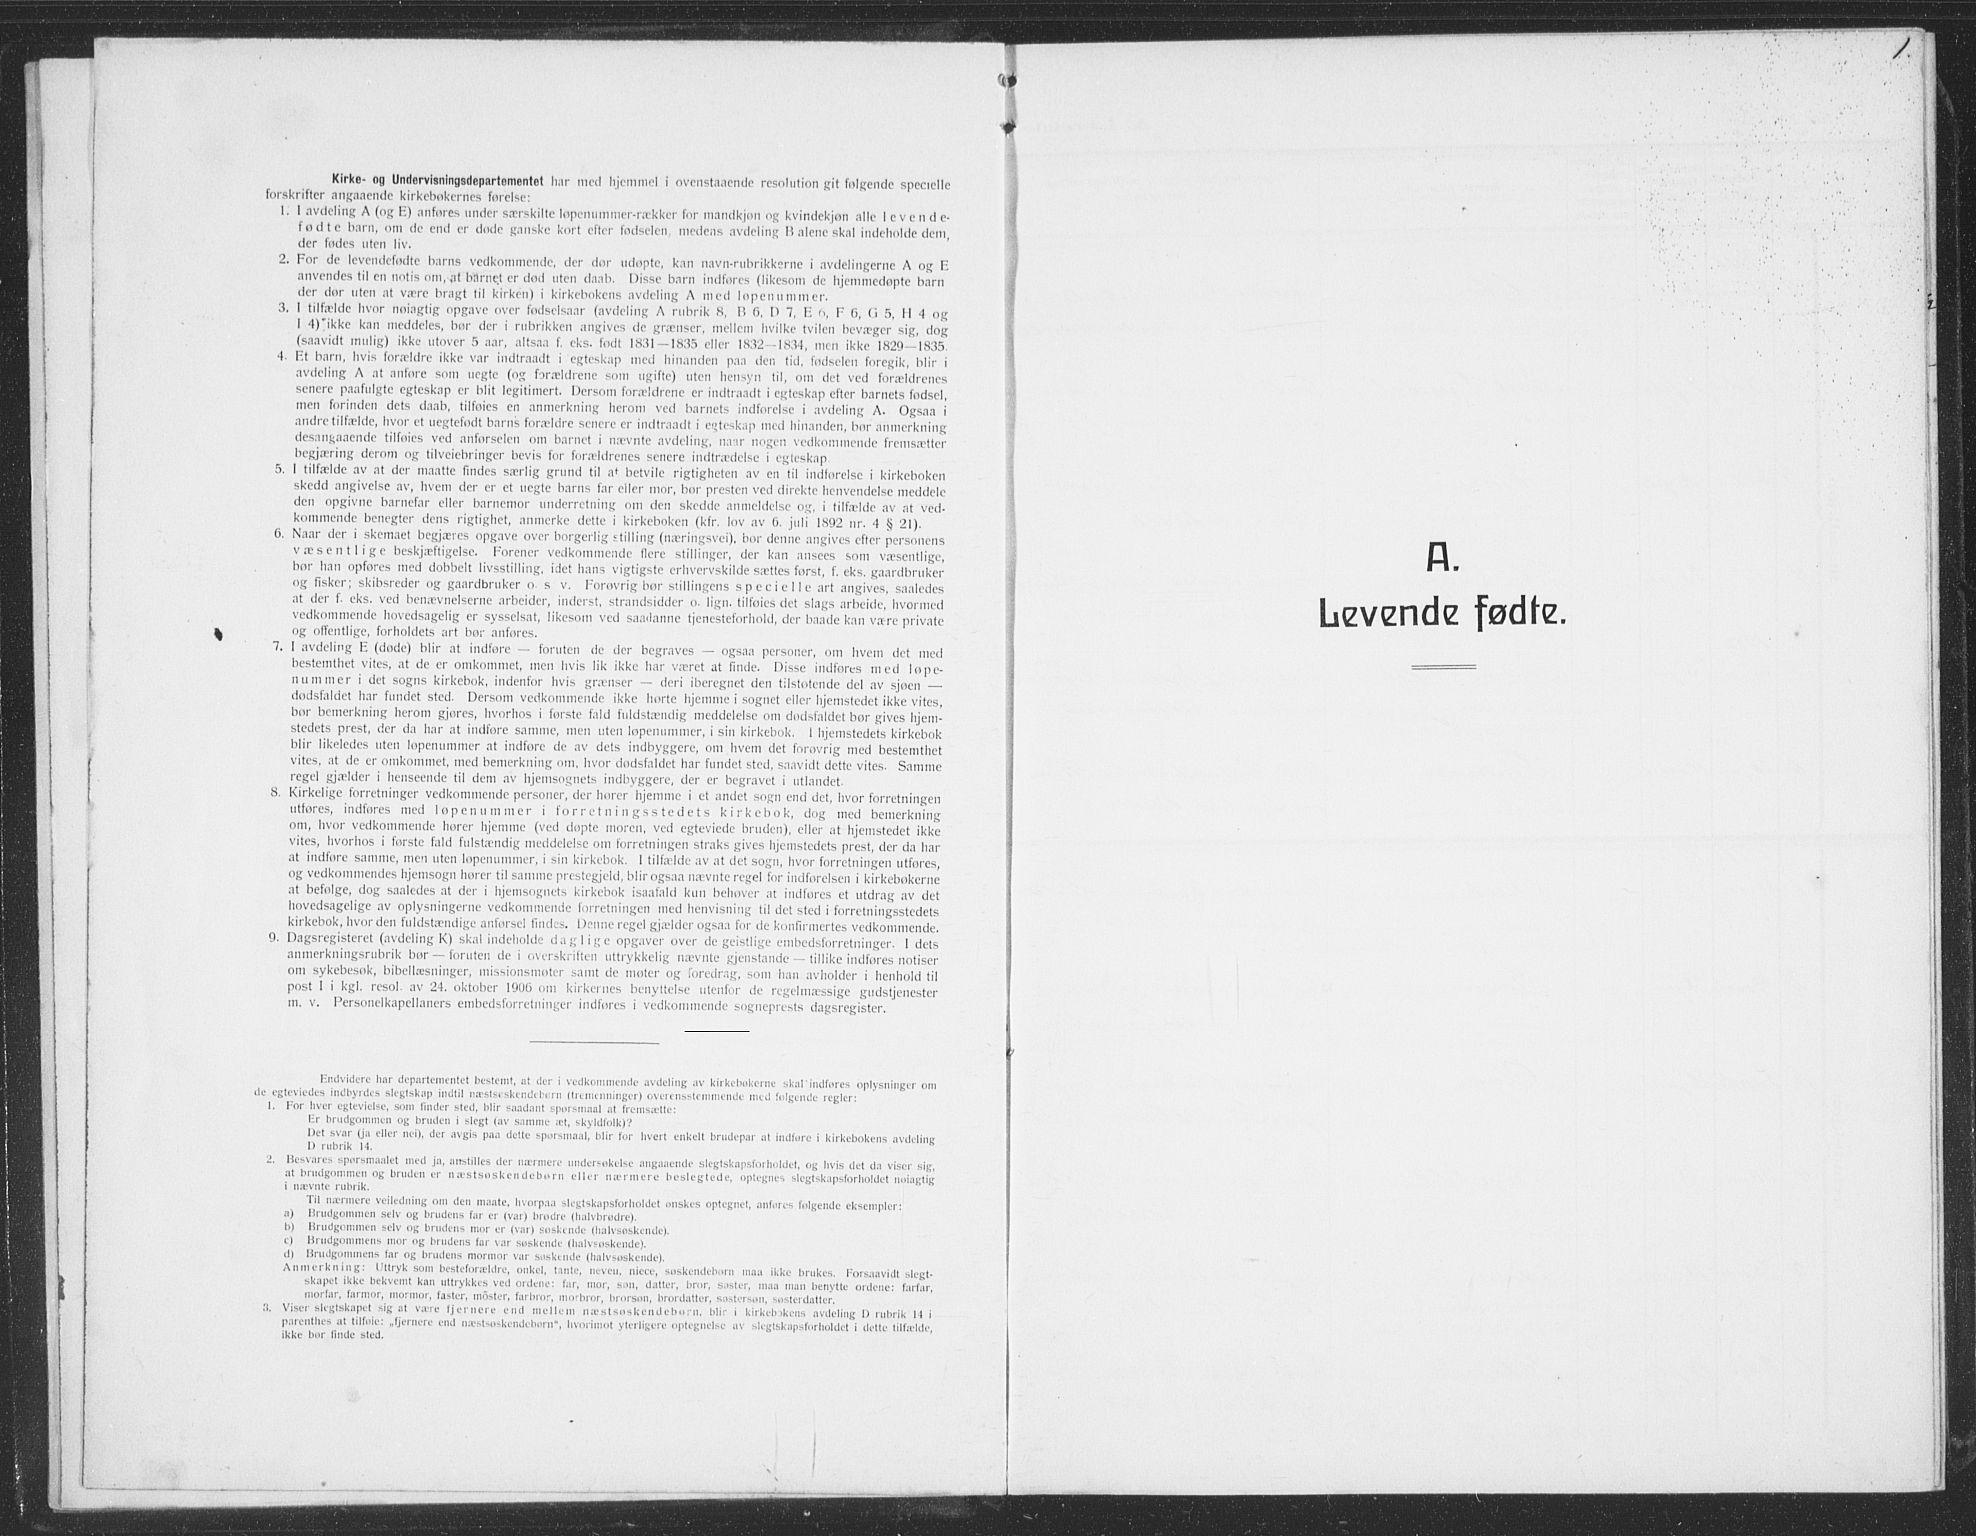 SAT, Ministerialprotokoller, klokkerbøker og fødselsregistre - Sør-Trøndelag, 691/L1095: Klokkerbok nr. 691C06, 1912-1933, s. 1